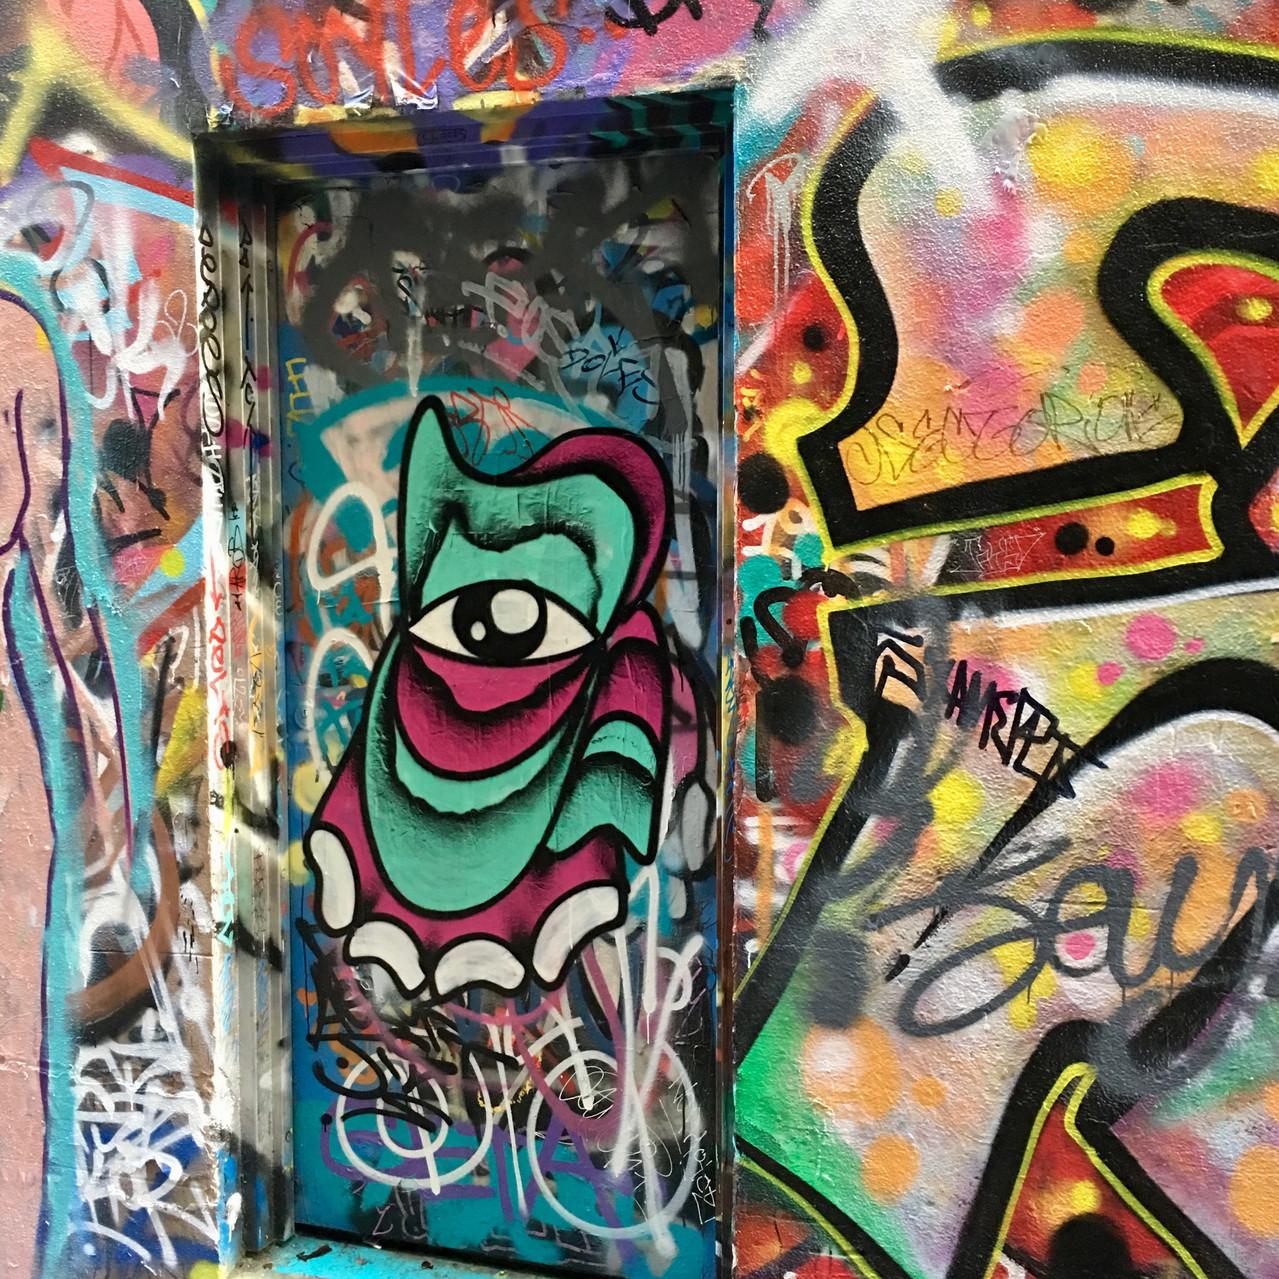 Close up | Graffiti art eyeball | Union Lane